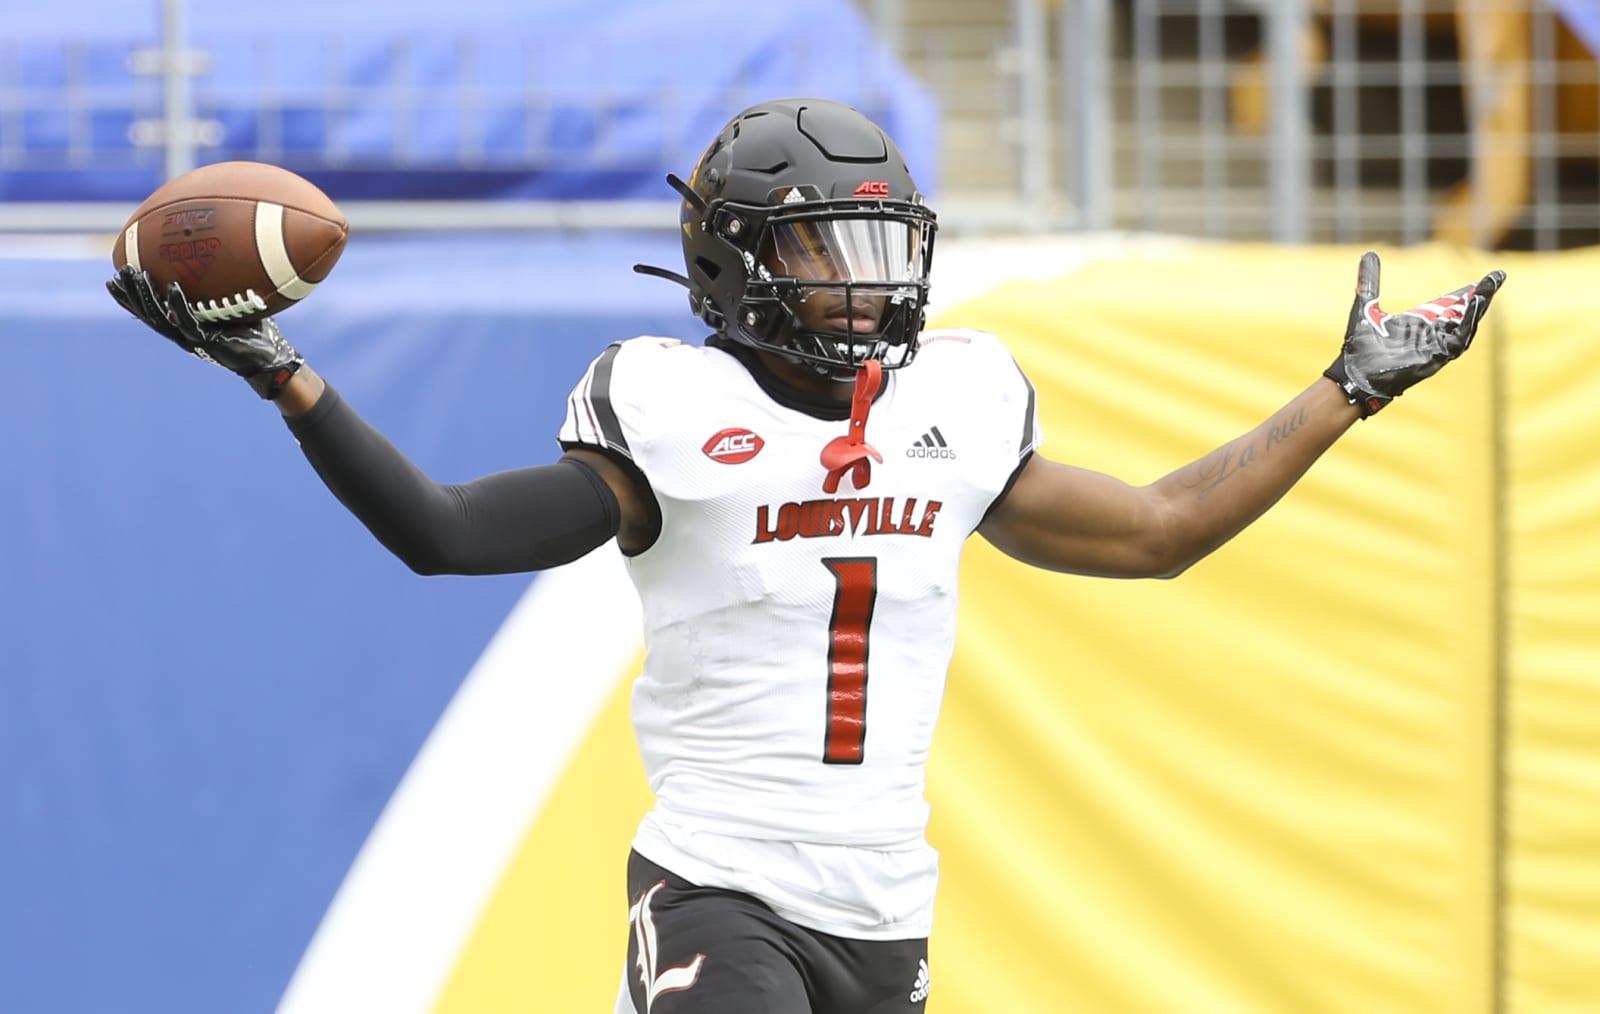 2021 NFL Draft prospect Tutu Atwell